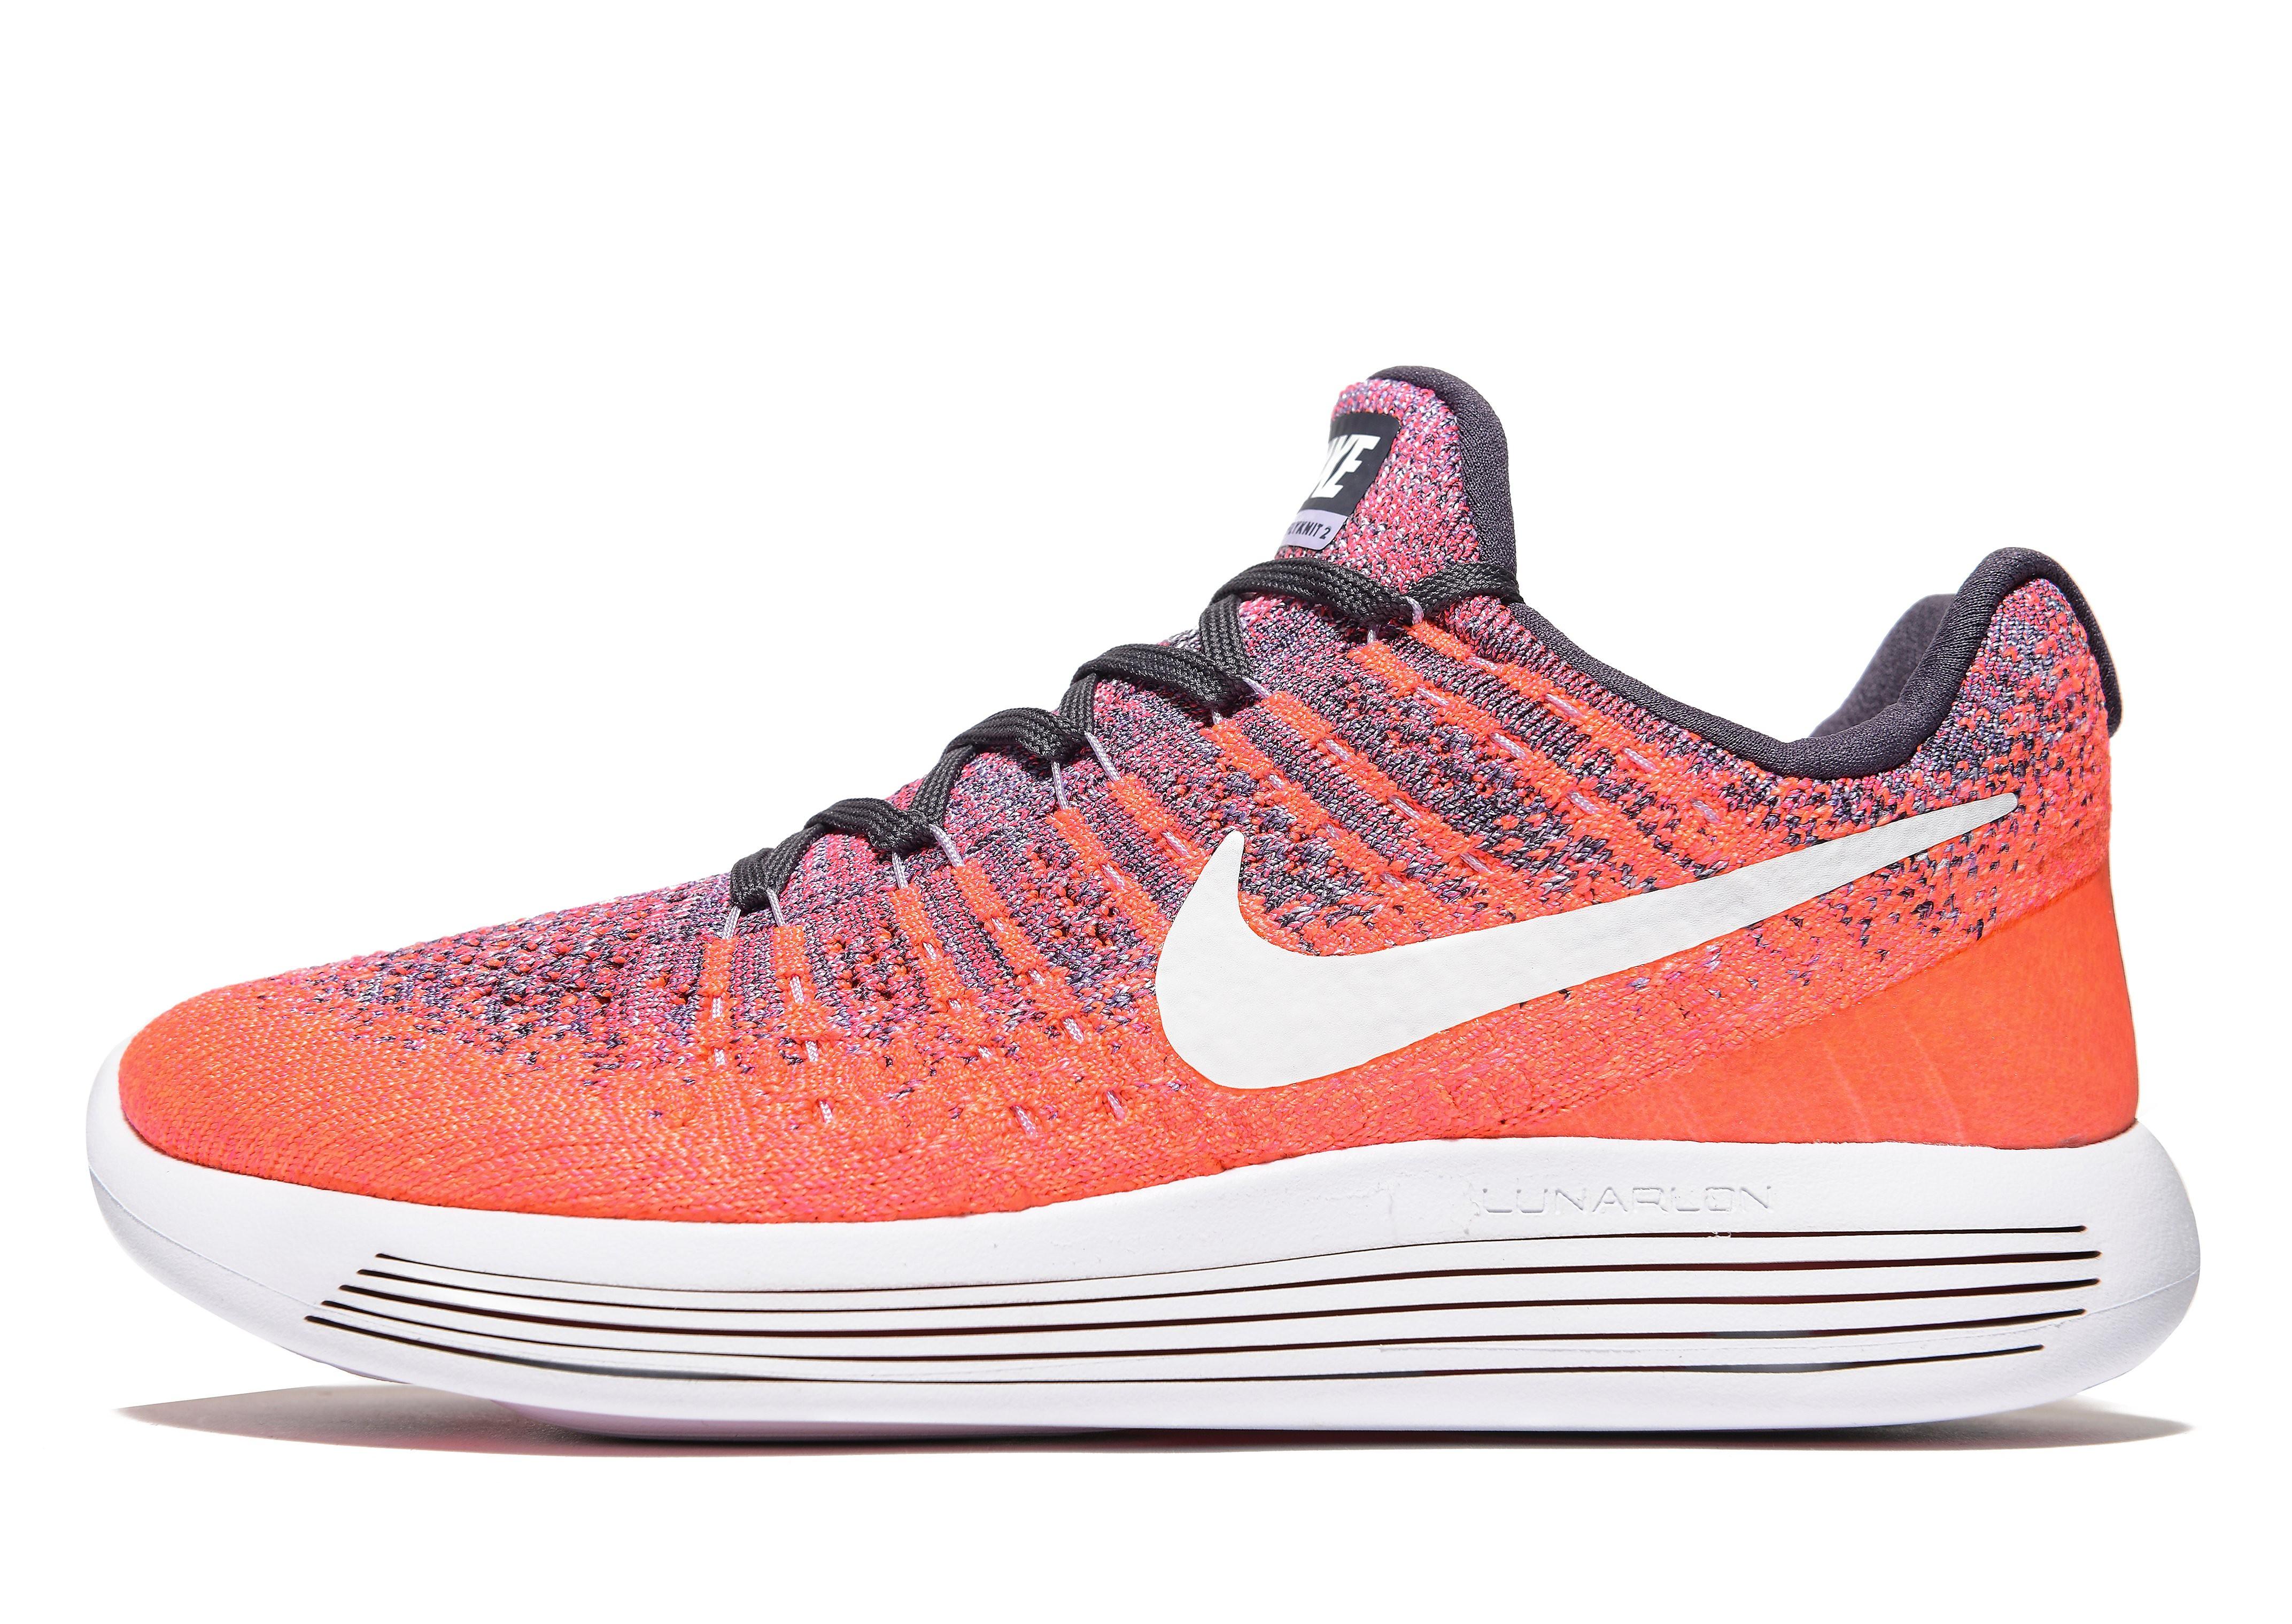 Nike LunarEpic Low Flyknit 2 Women's